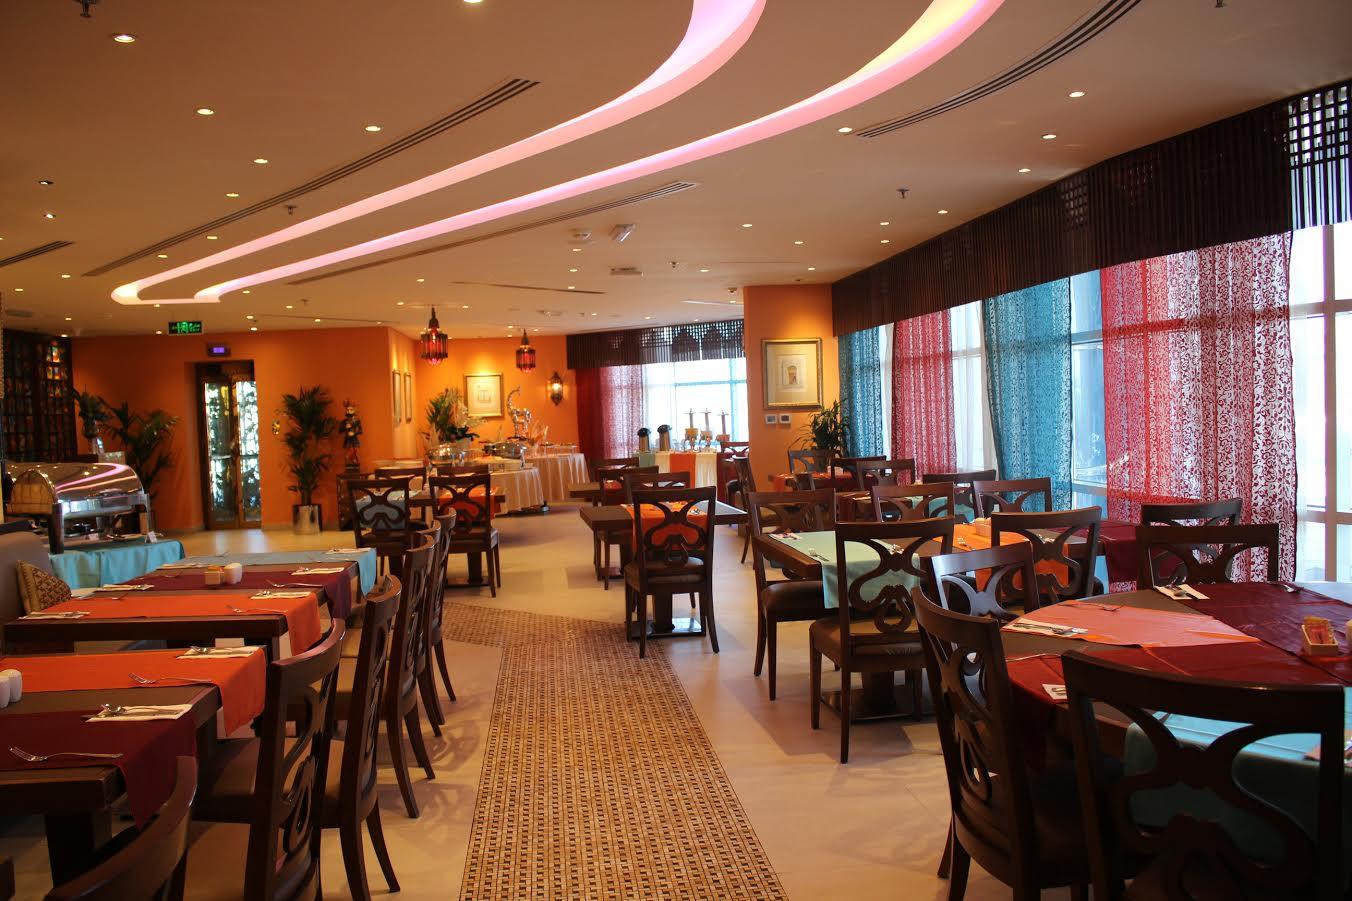 أفضل مطاعم ابوظبي التي ننصح بتجربتها لعام 2018